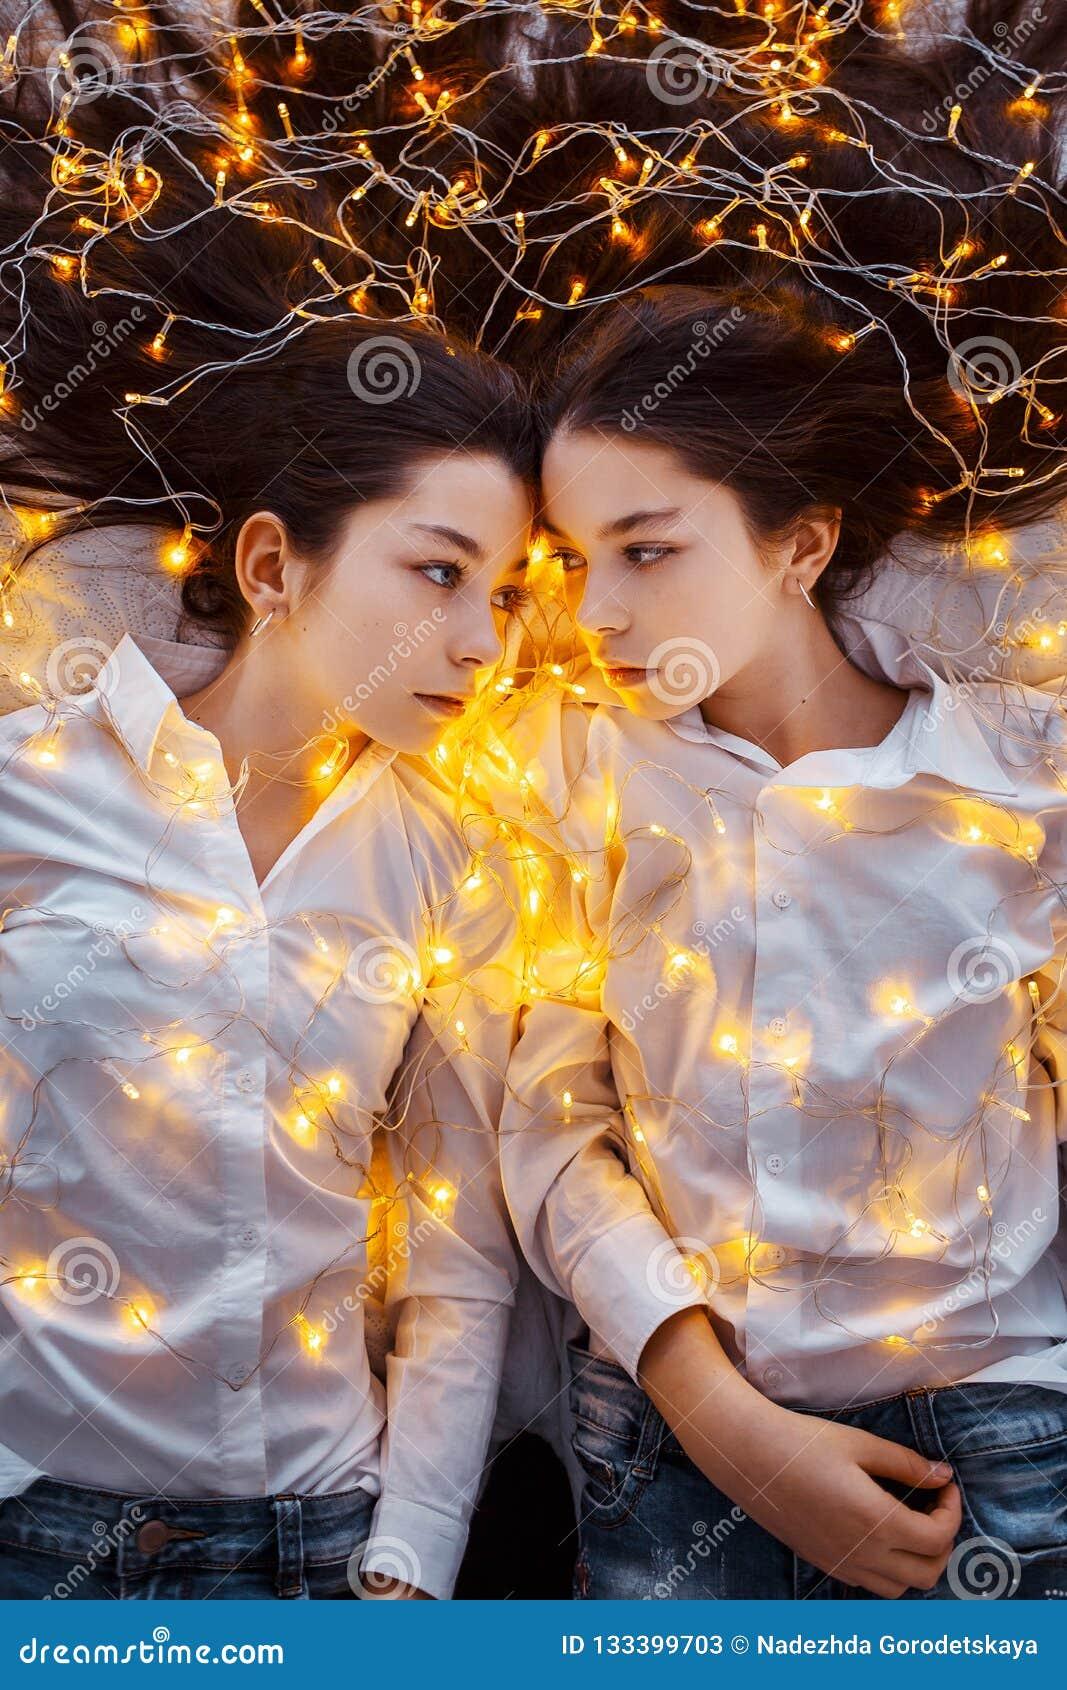 Mädchenzwillinge mit Lichtern Neues Jahr ` s Eve Weihnachten Gemütlicher Feiertag am Tannenbaum mit Lichtern und Golddekor